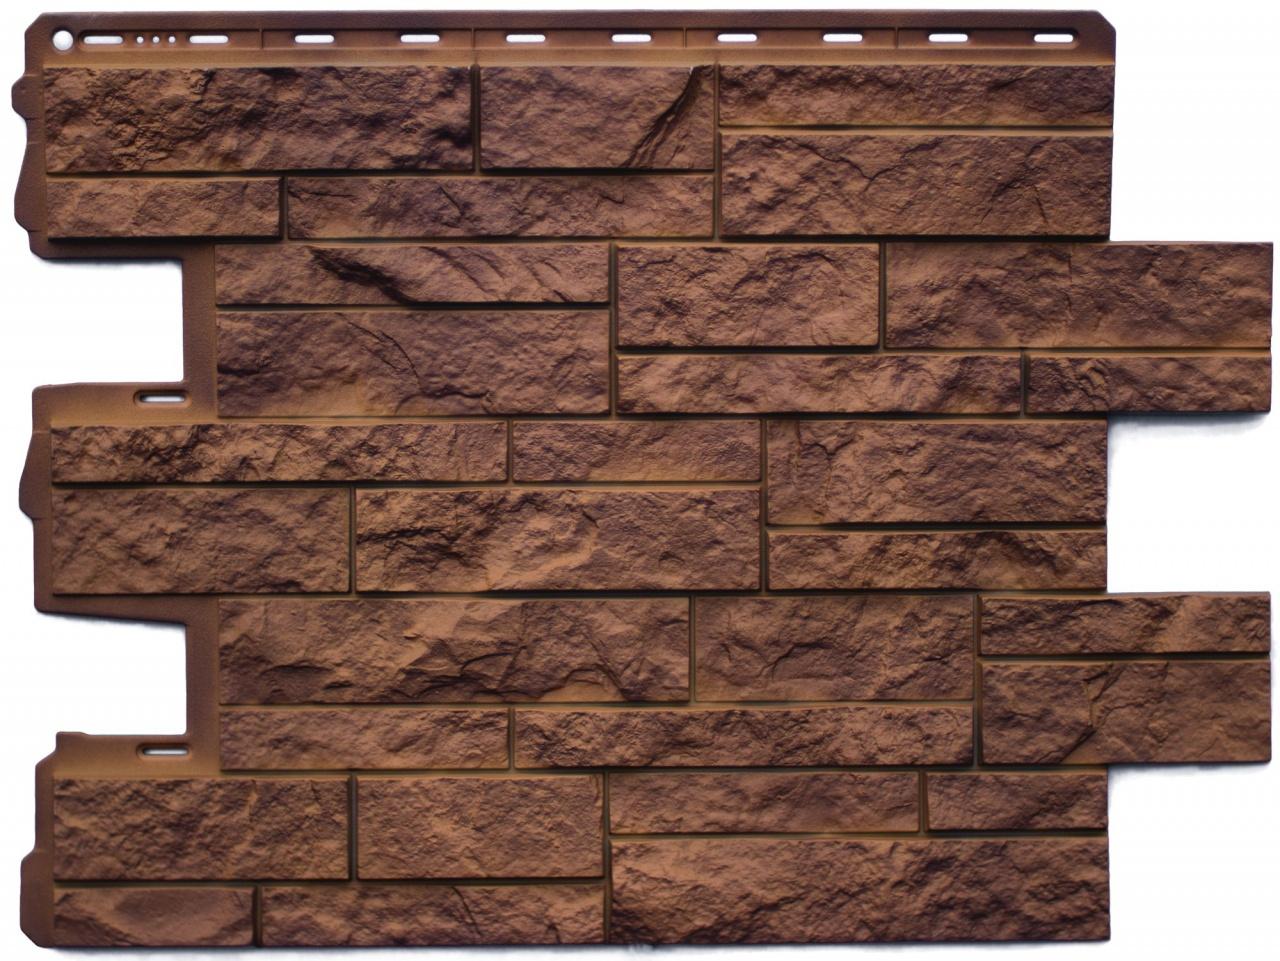 ФП Альта-Профиль камень Шотландский Блэкберн 0.795х0.591 м.п.